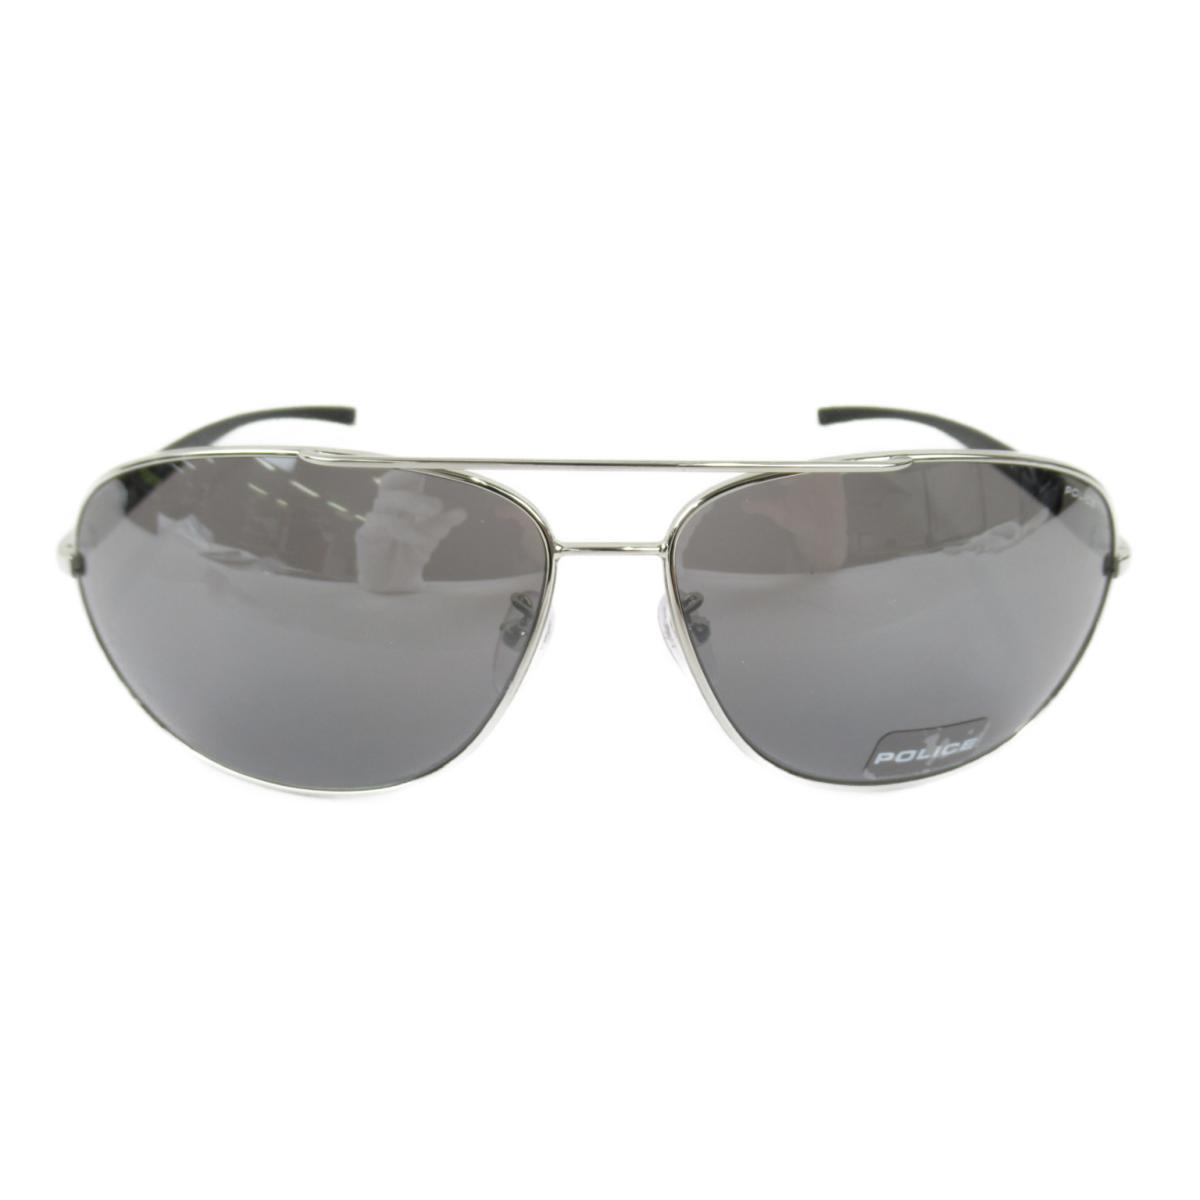 ポリス サングラス メンズ レンズ:プラスチック/テンプル・フレーム:ニッケル合金 ブラック x シルバー (8182G 579S 67ロ14-130) | POLICE BRANDOFF ブランドオフ ブランド ブランド雑貨 小物 雑貨 眼鏡 メガネ めがね